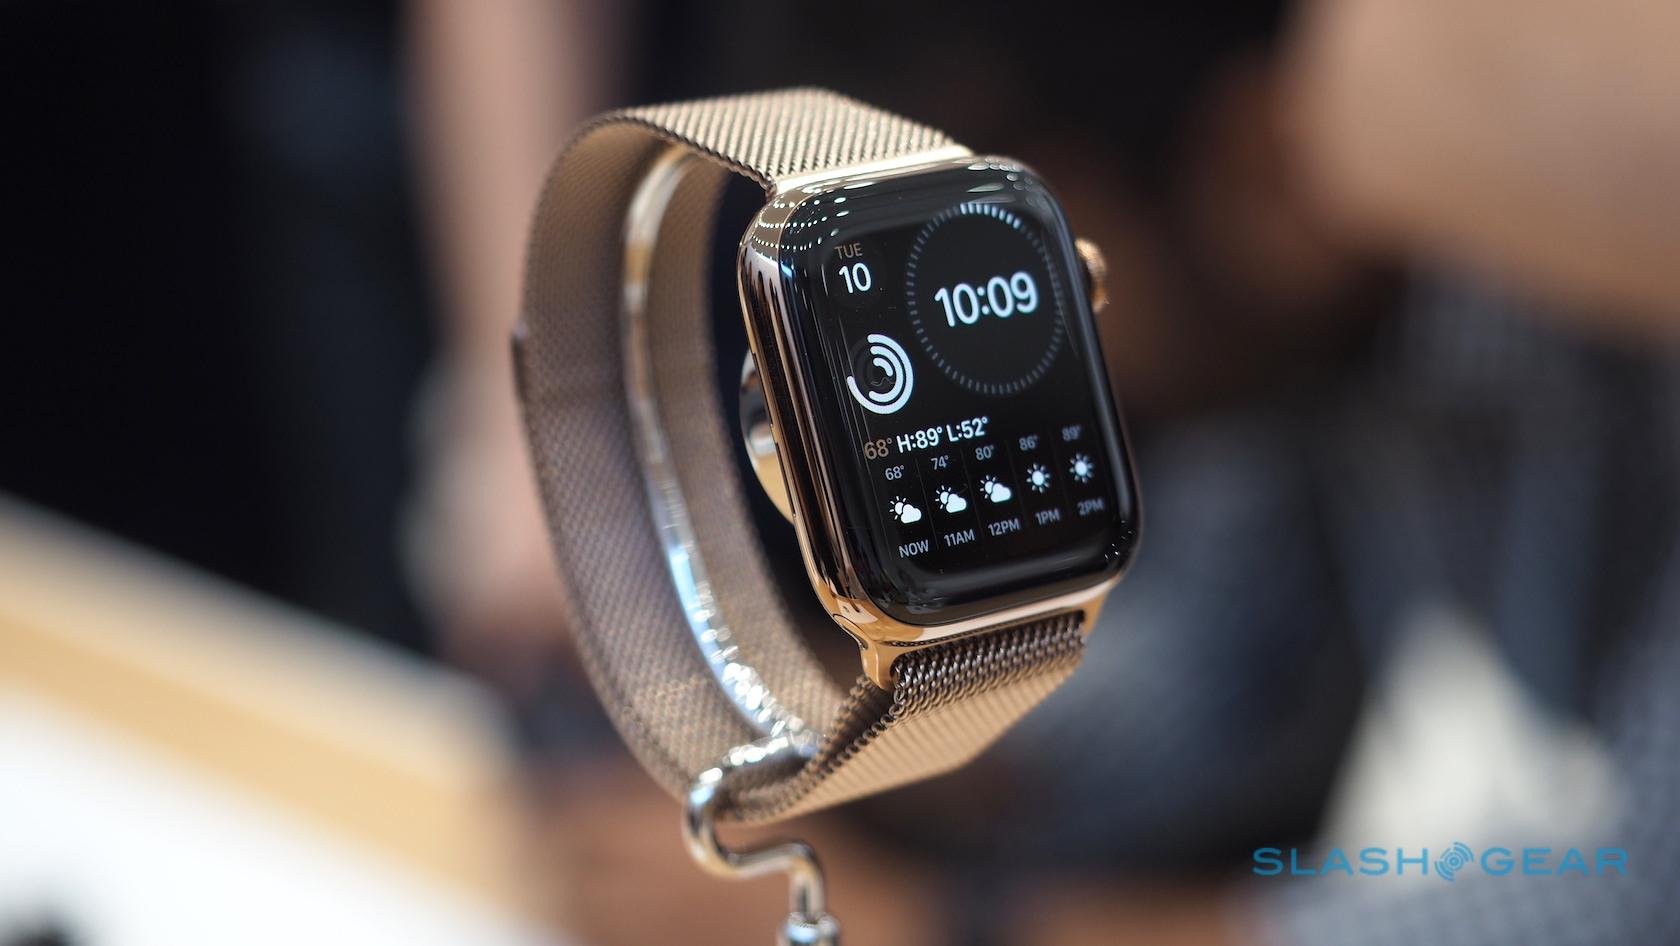 Apple Watch Series 5 Gallery Slashgear